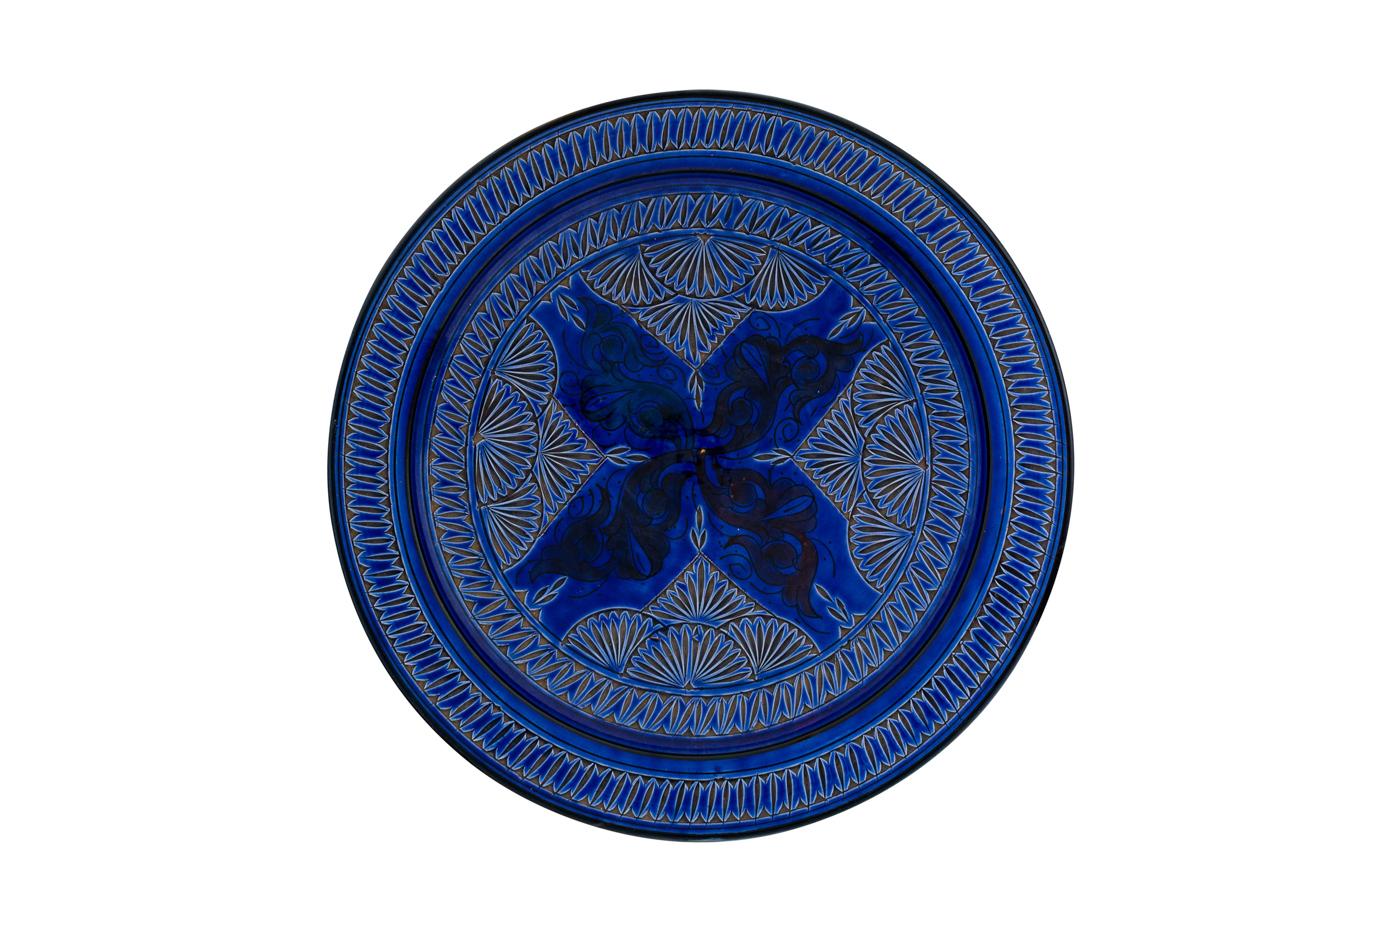 Plato Marroquí en cerámica tallado con diseño de arabesco  florales- Azul rey